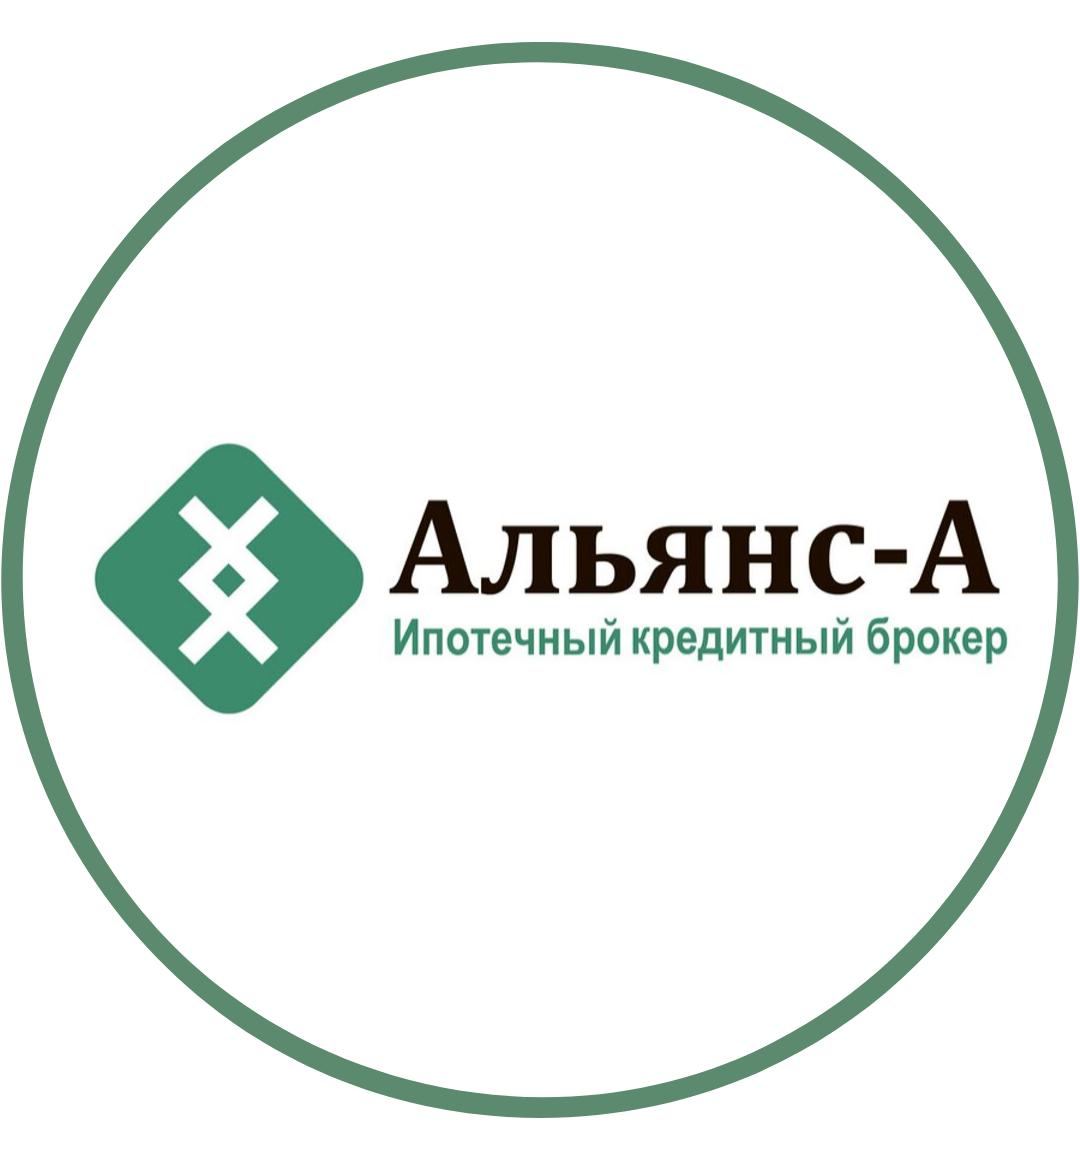 """ИКБ """"Альянс-А"""""""